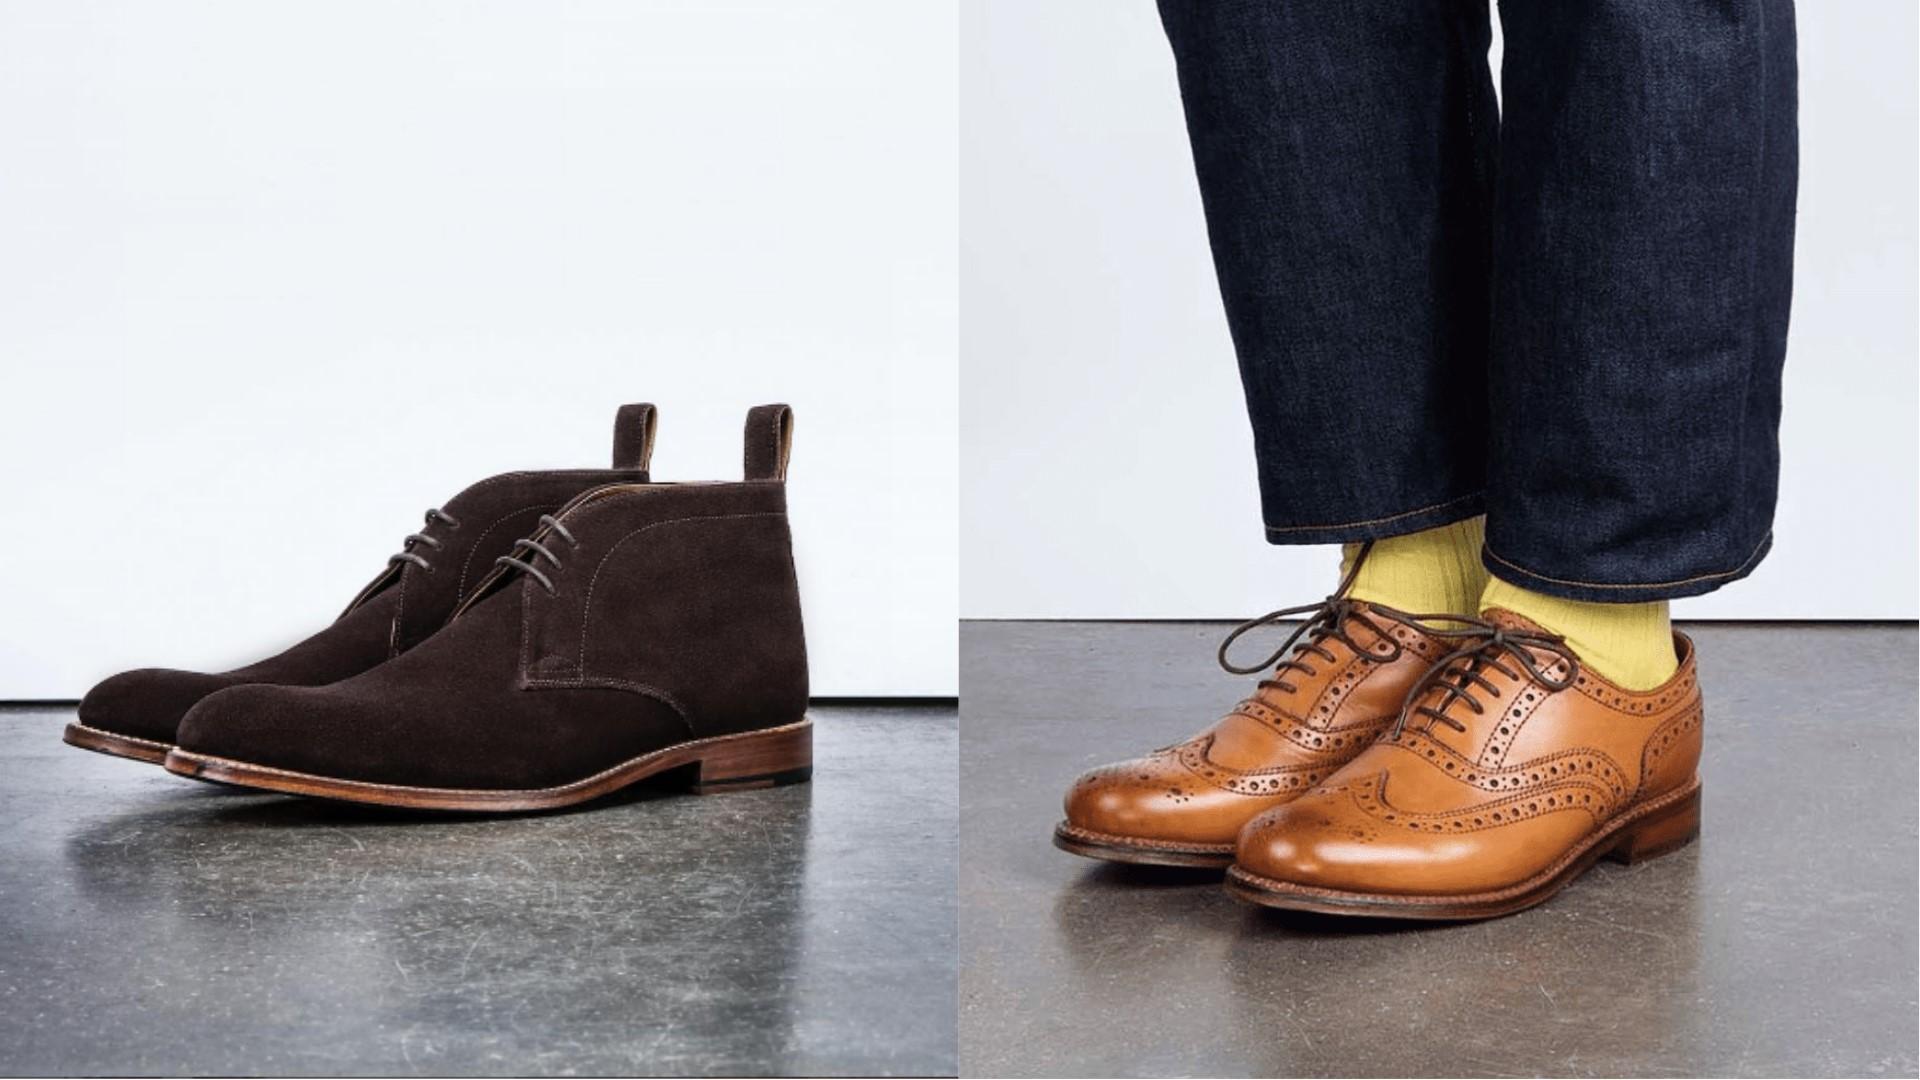 體現男性穿搭的出眾細節!一生一定要擁有一雙的經典紳士鞋款